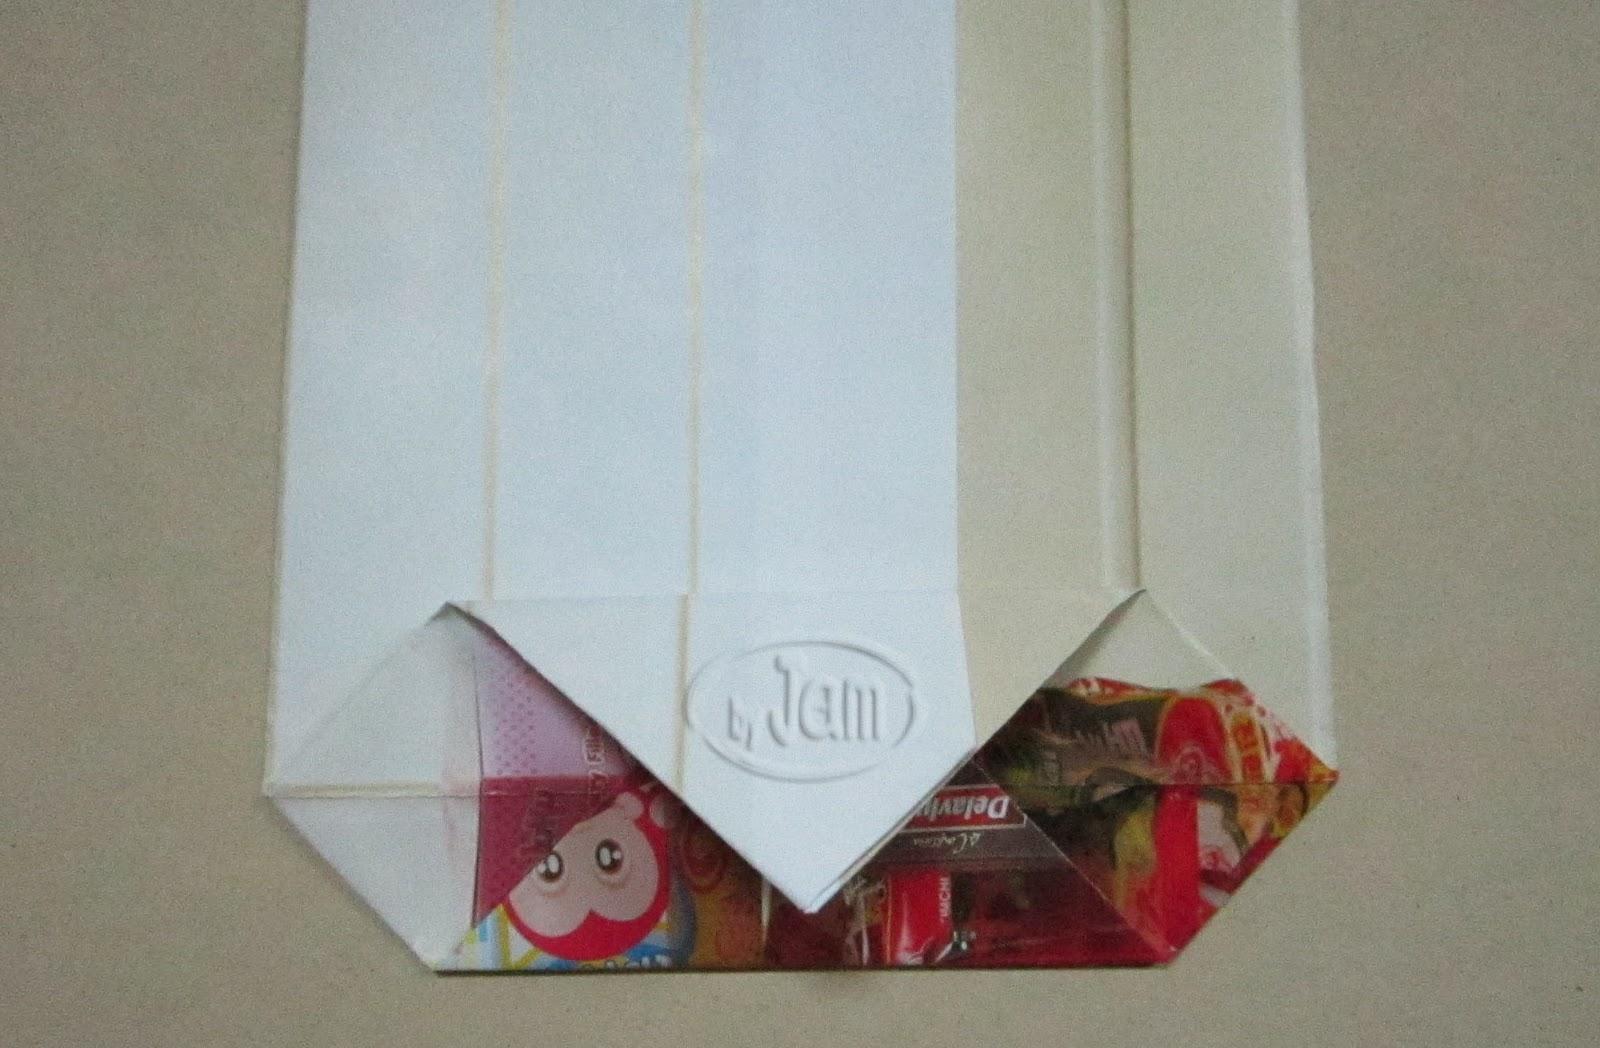 พับถุง,เมคราเม่,ถุงของขวัญ ,ของขวัญแปลก,ของฝากเก๋,ของขวัญ ไอเดีย,ไอเดีย ของขวัญ แหวกแนว,reuse,recycle,reuse magazine paper,macrame ,how to souvenir bag,how to fold bag,folding paper bag,craftsไอเดียของฝากเก๋,งานฝีมือจาขยะ,งานฝีมือเมคราเม่,ไอเดีย มาคราเม่,ของใช้จากเมคราเม่,วิธี เมคราเม่